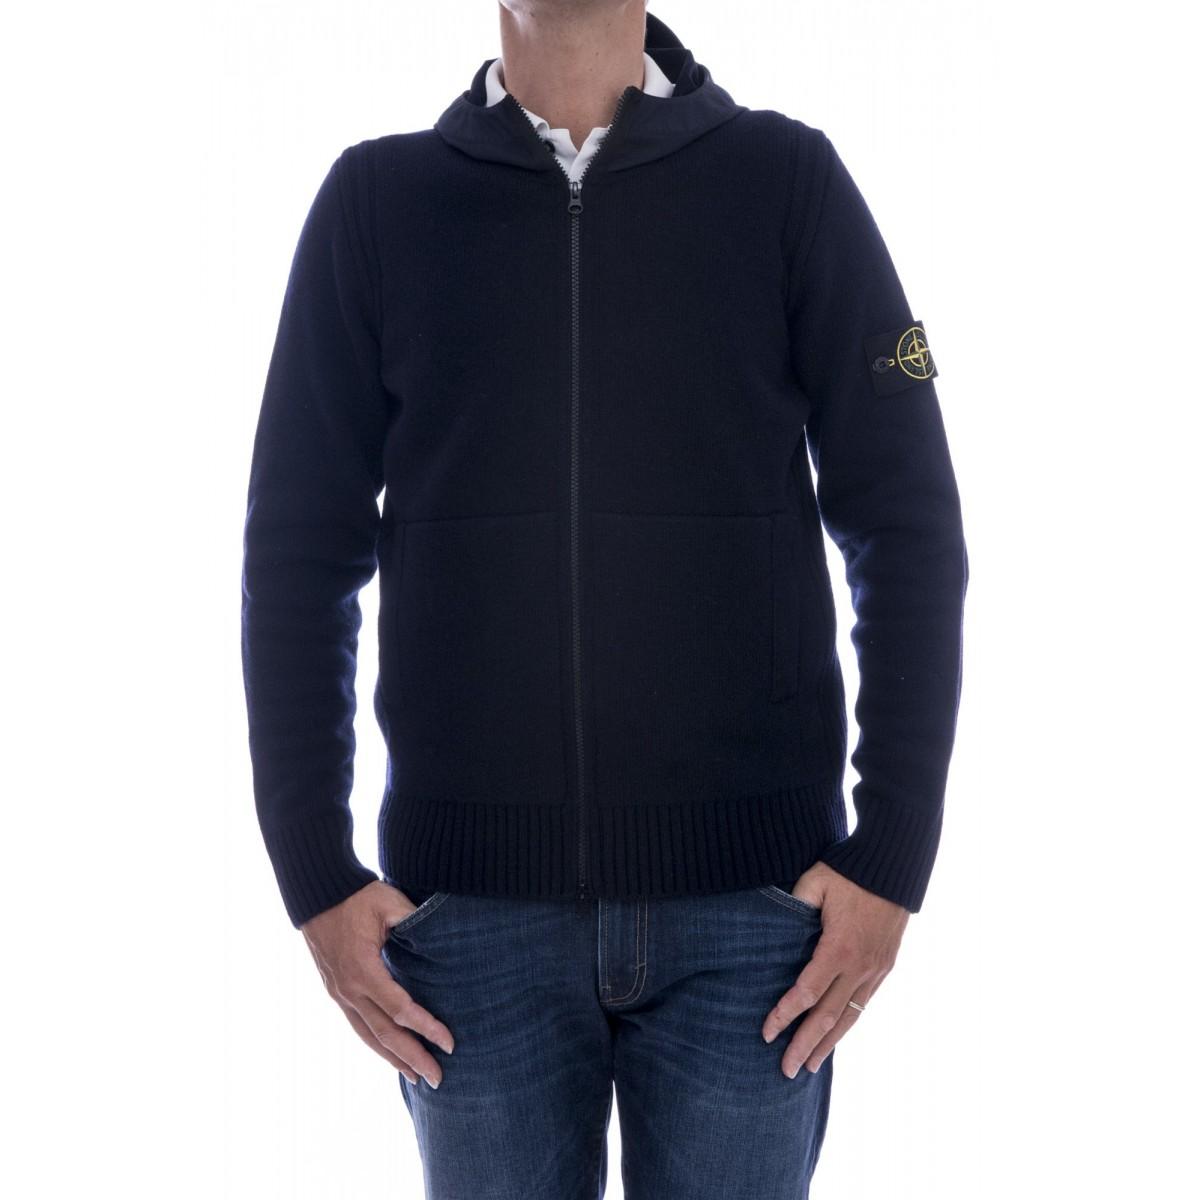 Maglia uomo Stone island - 550a3 maglia aperta con cappuccio nylon